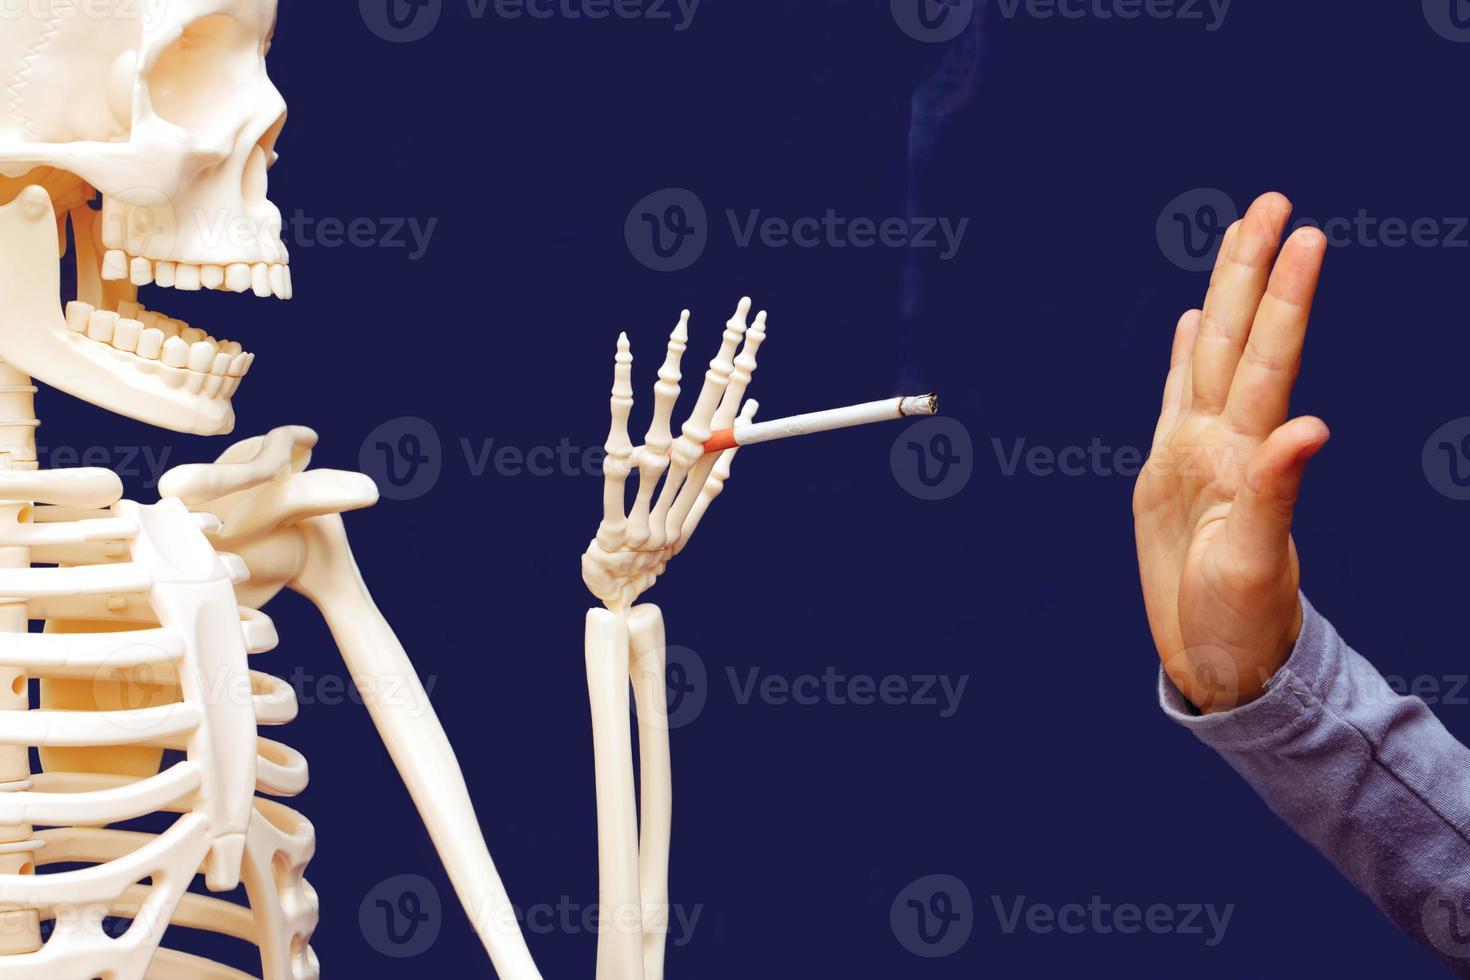 Mann gestikuliert lehnt vorgeschlagene Zigarette ab foto